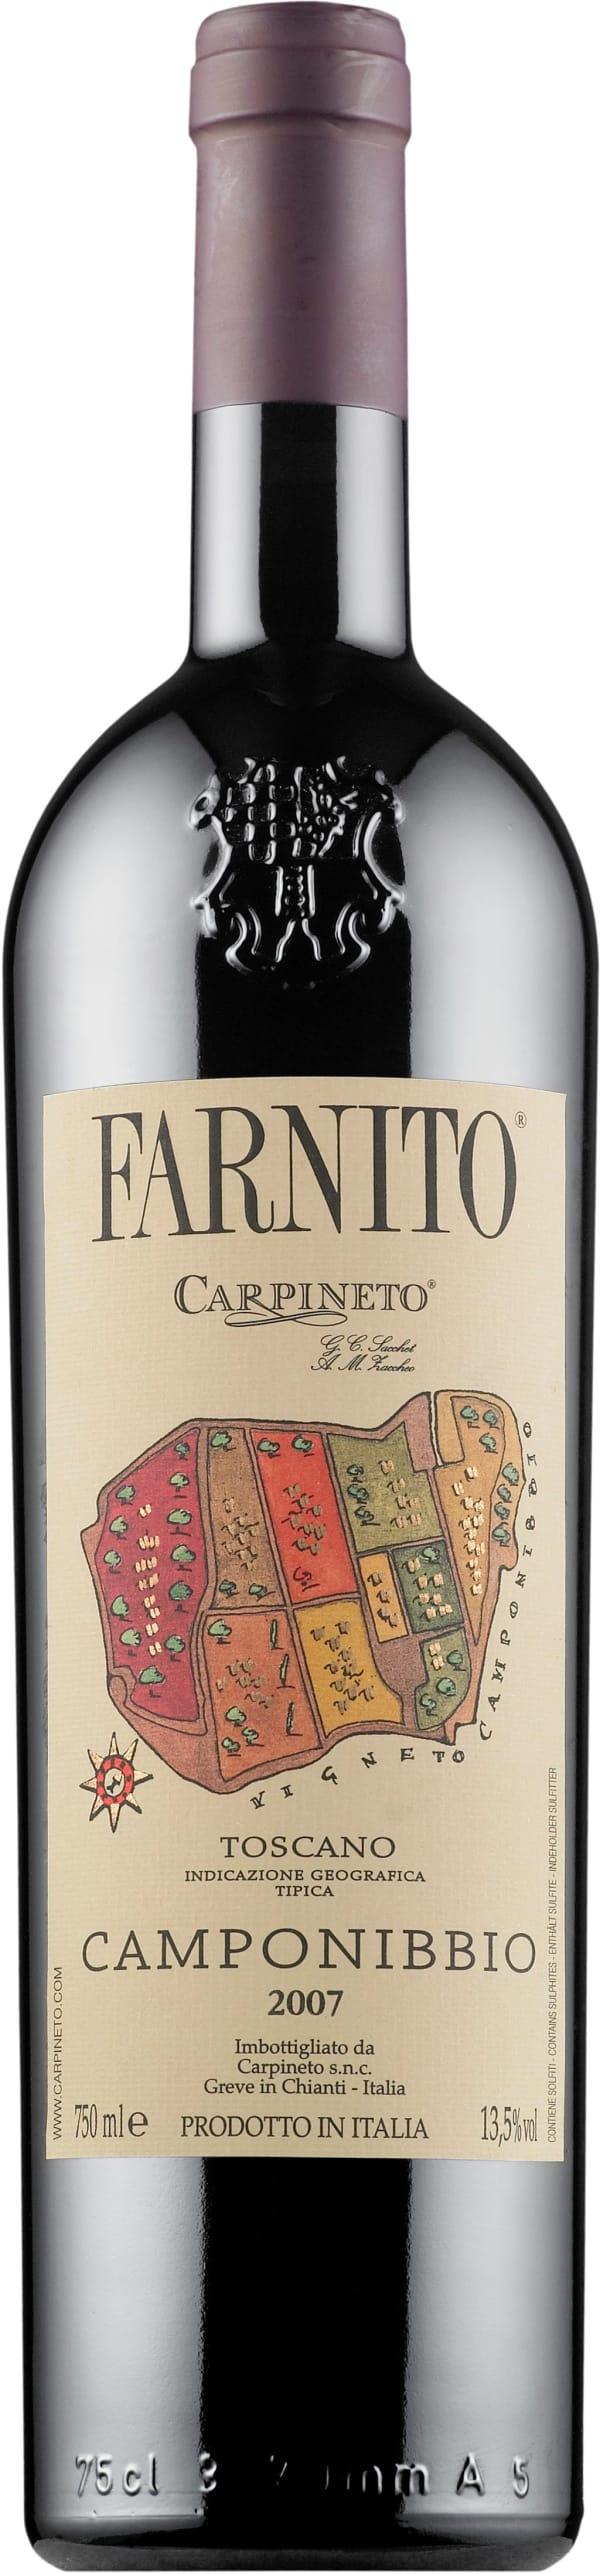 Farnito Camponibbio 2015